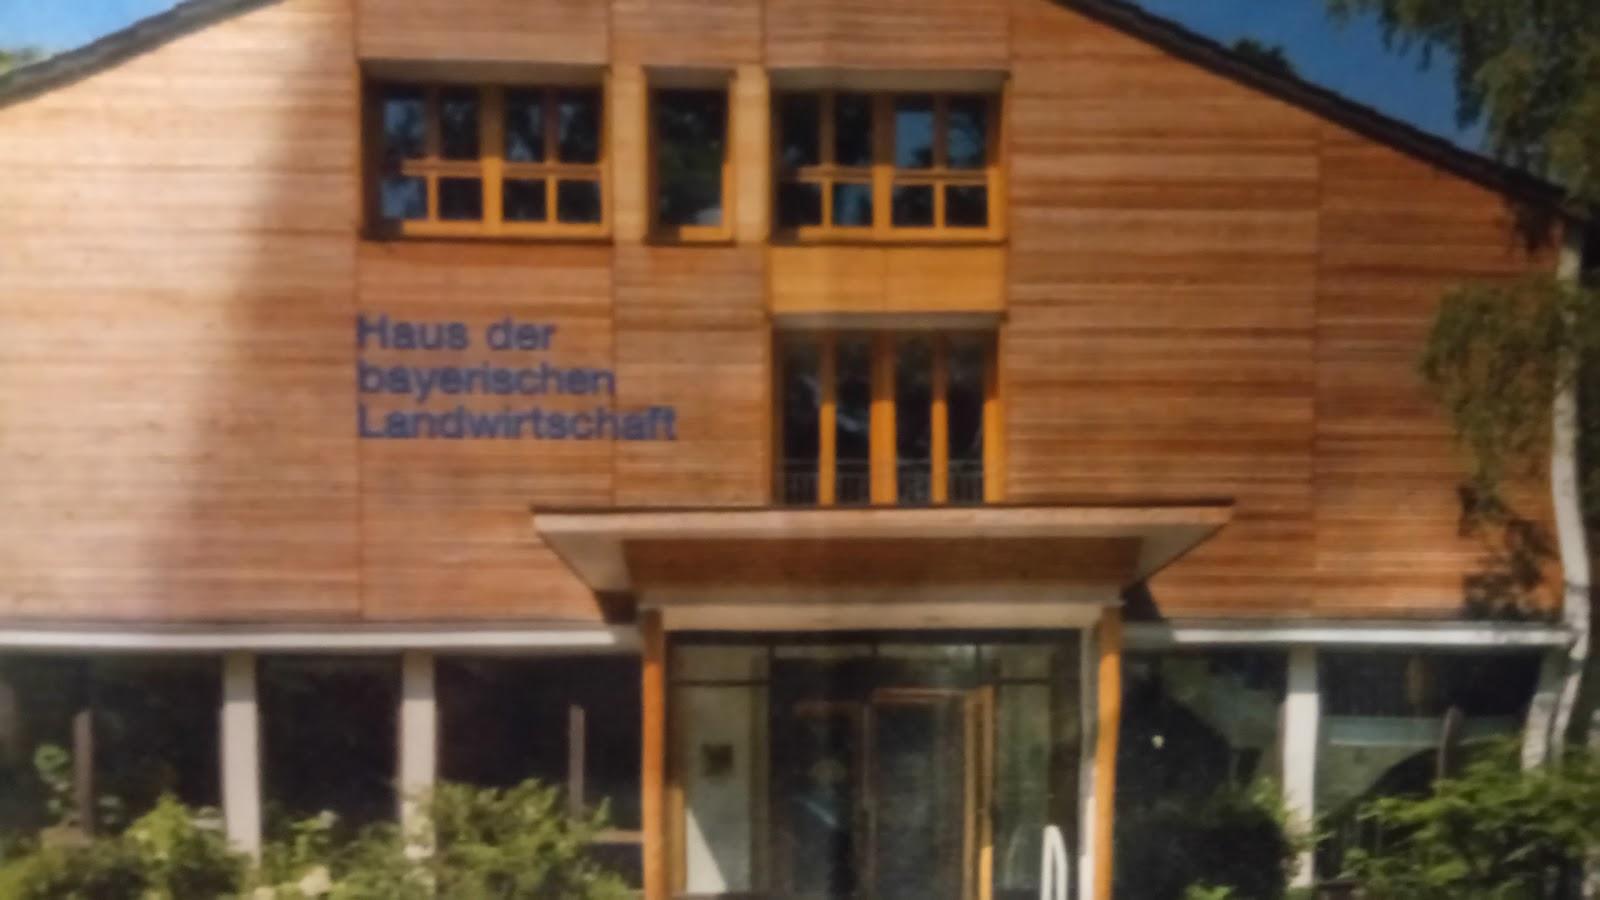 Haus Der Bayerischen Landwirtschaft Herrsching Map Andechs